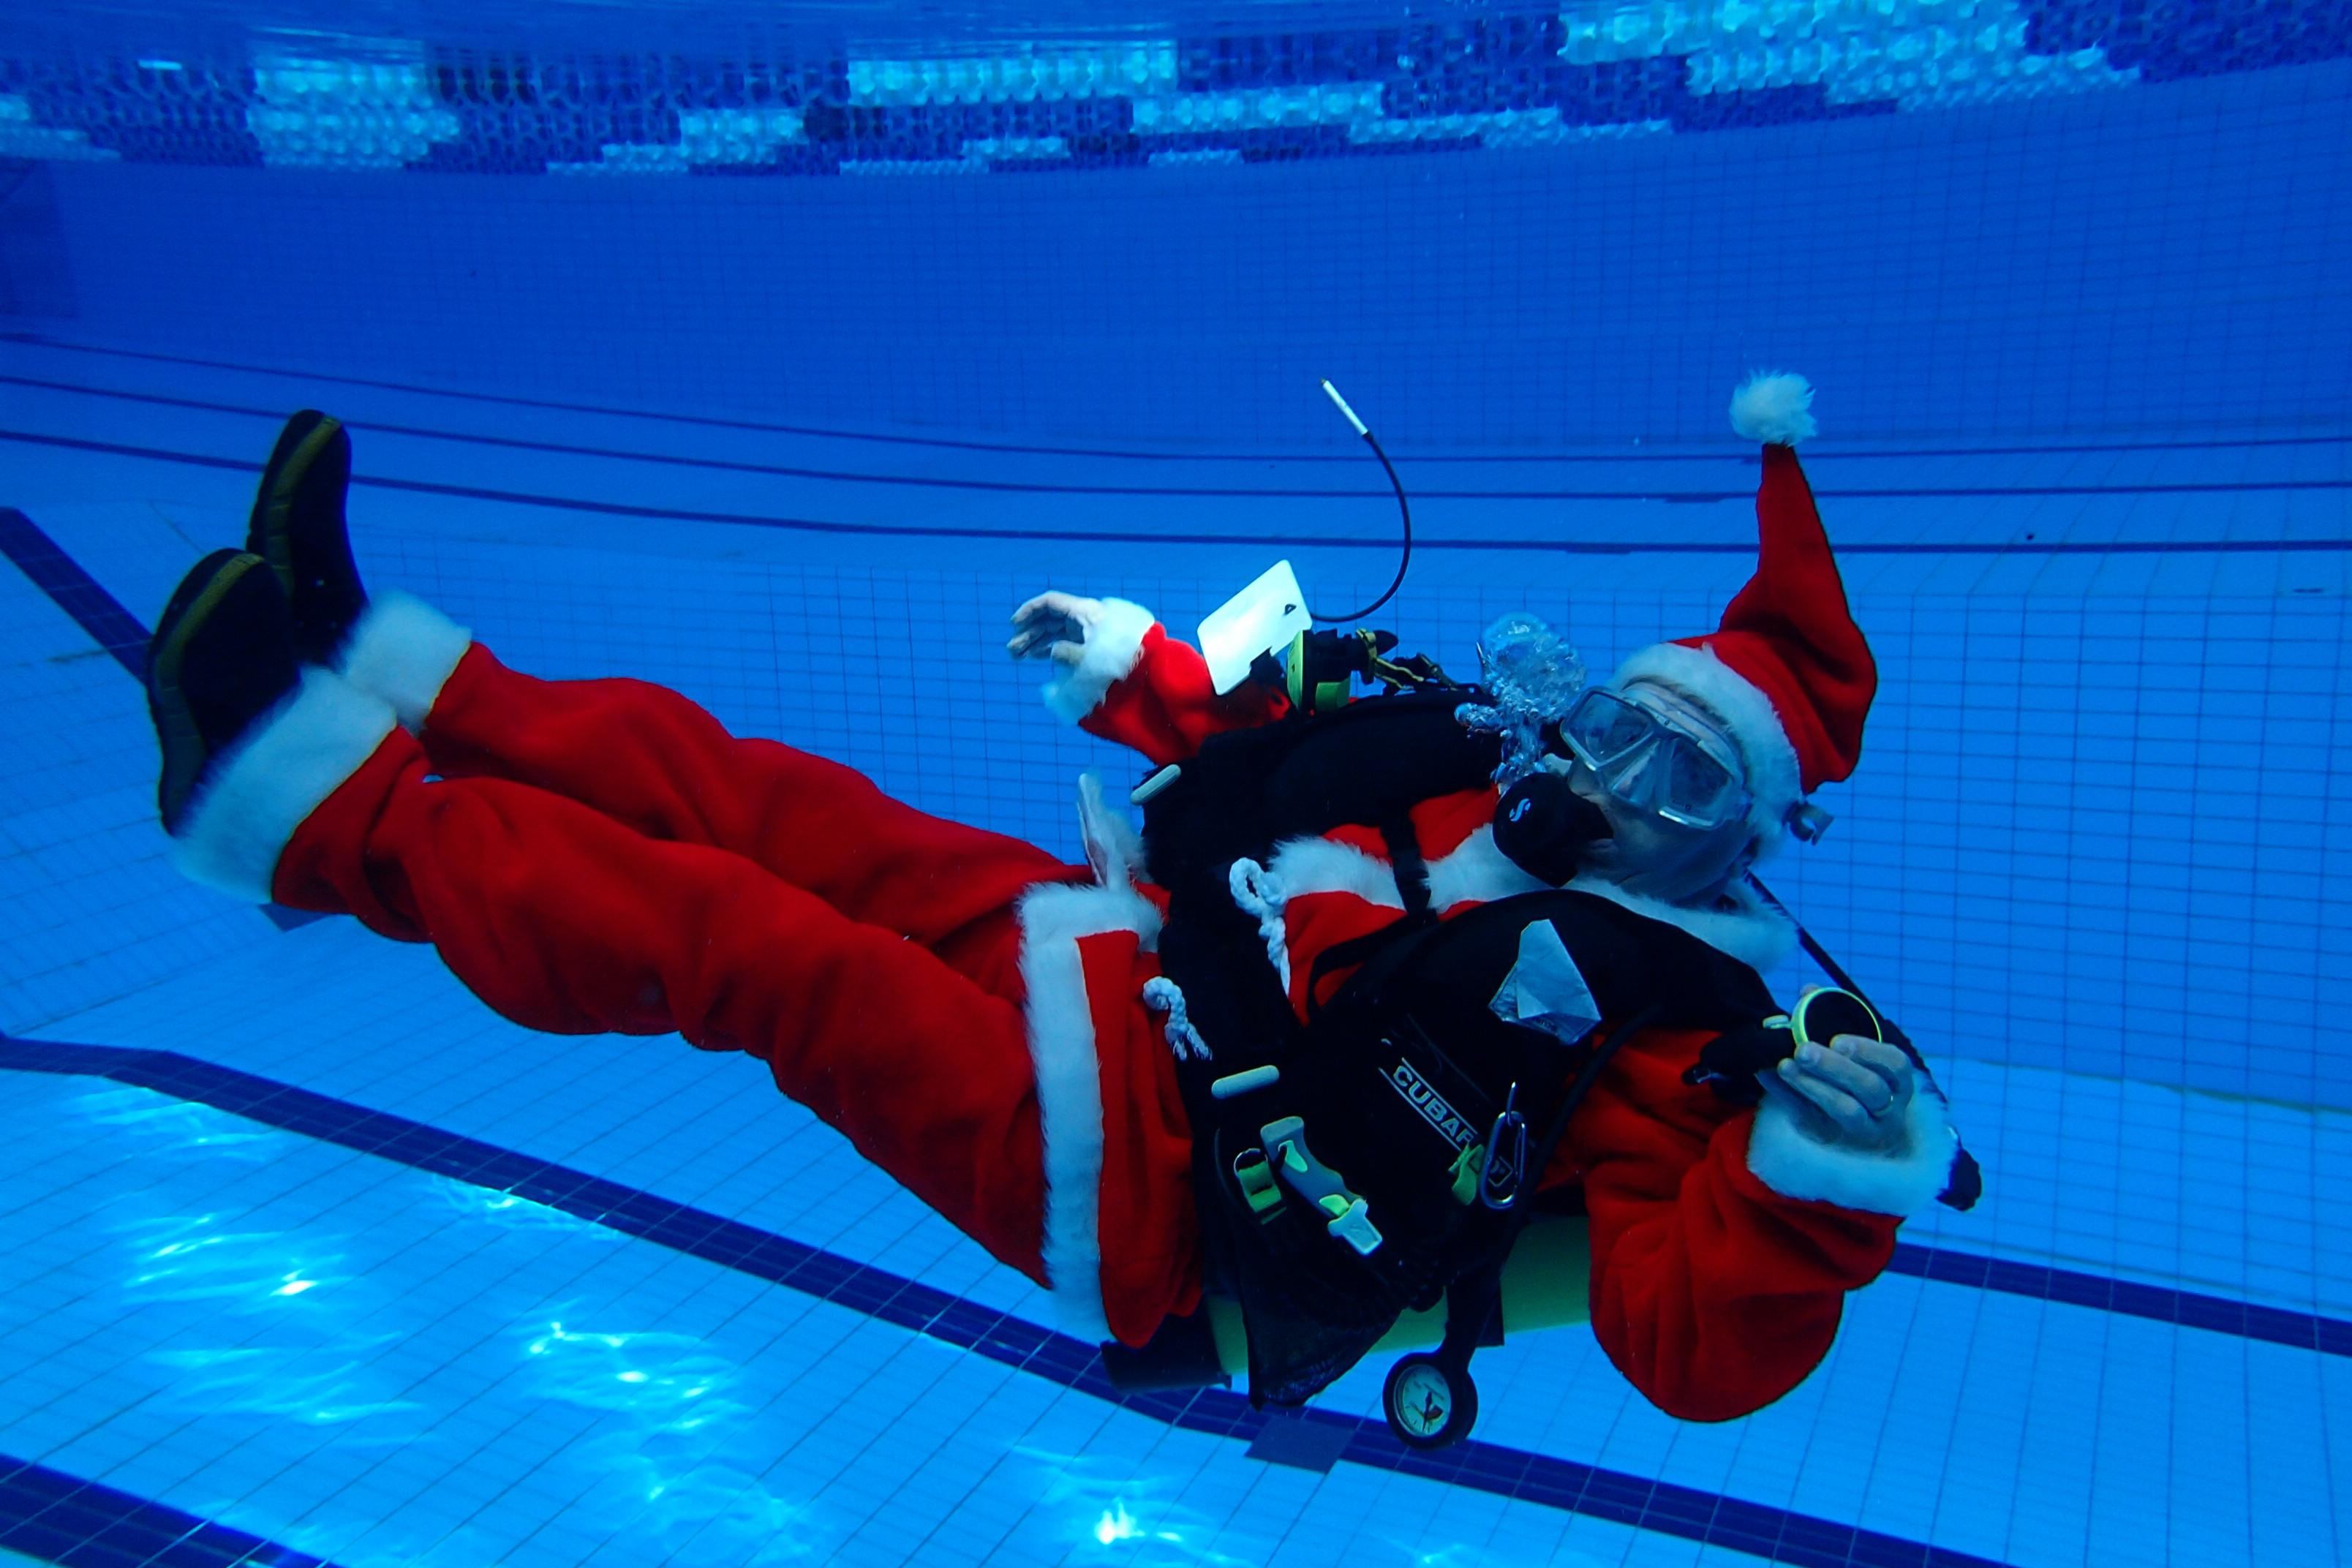 Tervetuloa joulujuhlaan 17.12. klo 17.30-19.30 Myyrmäen uimahalli